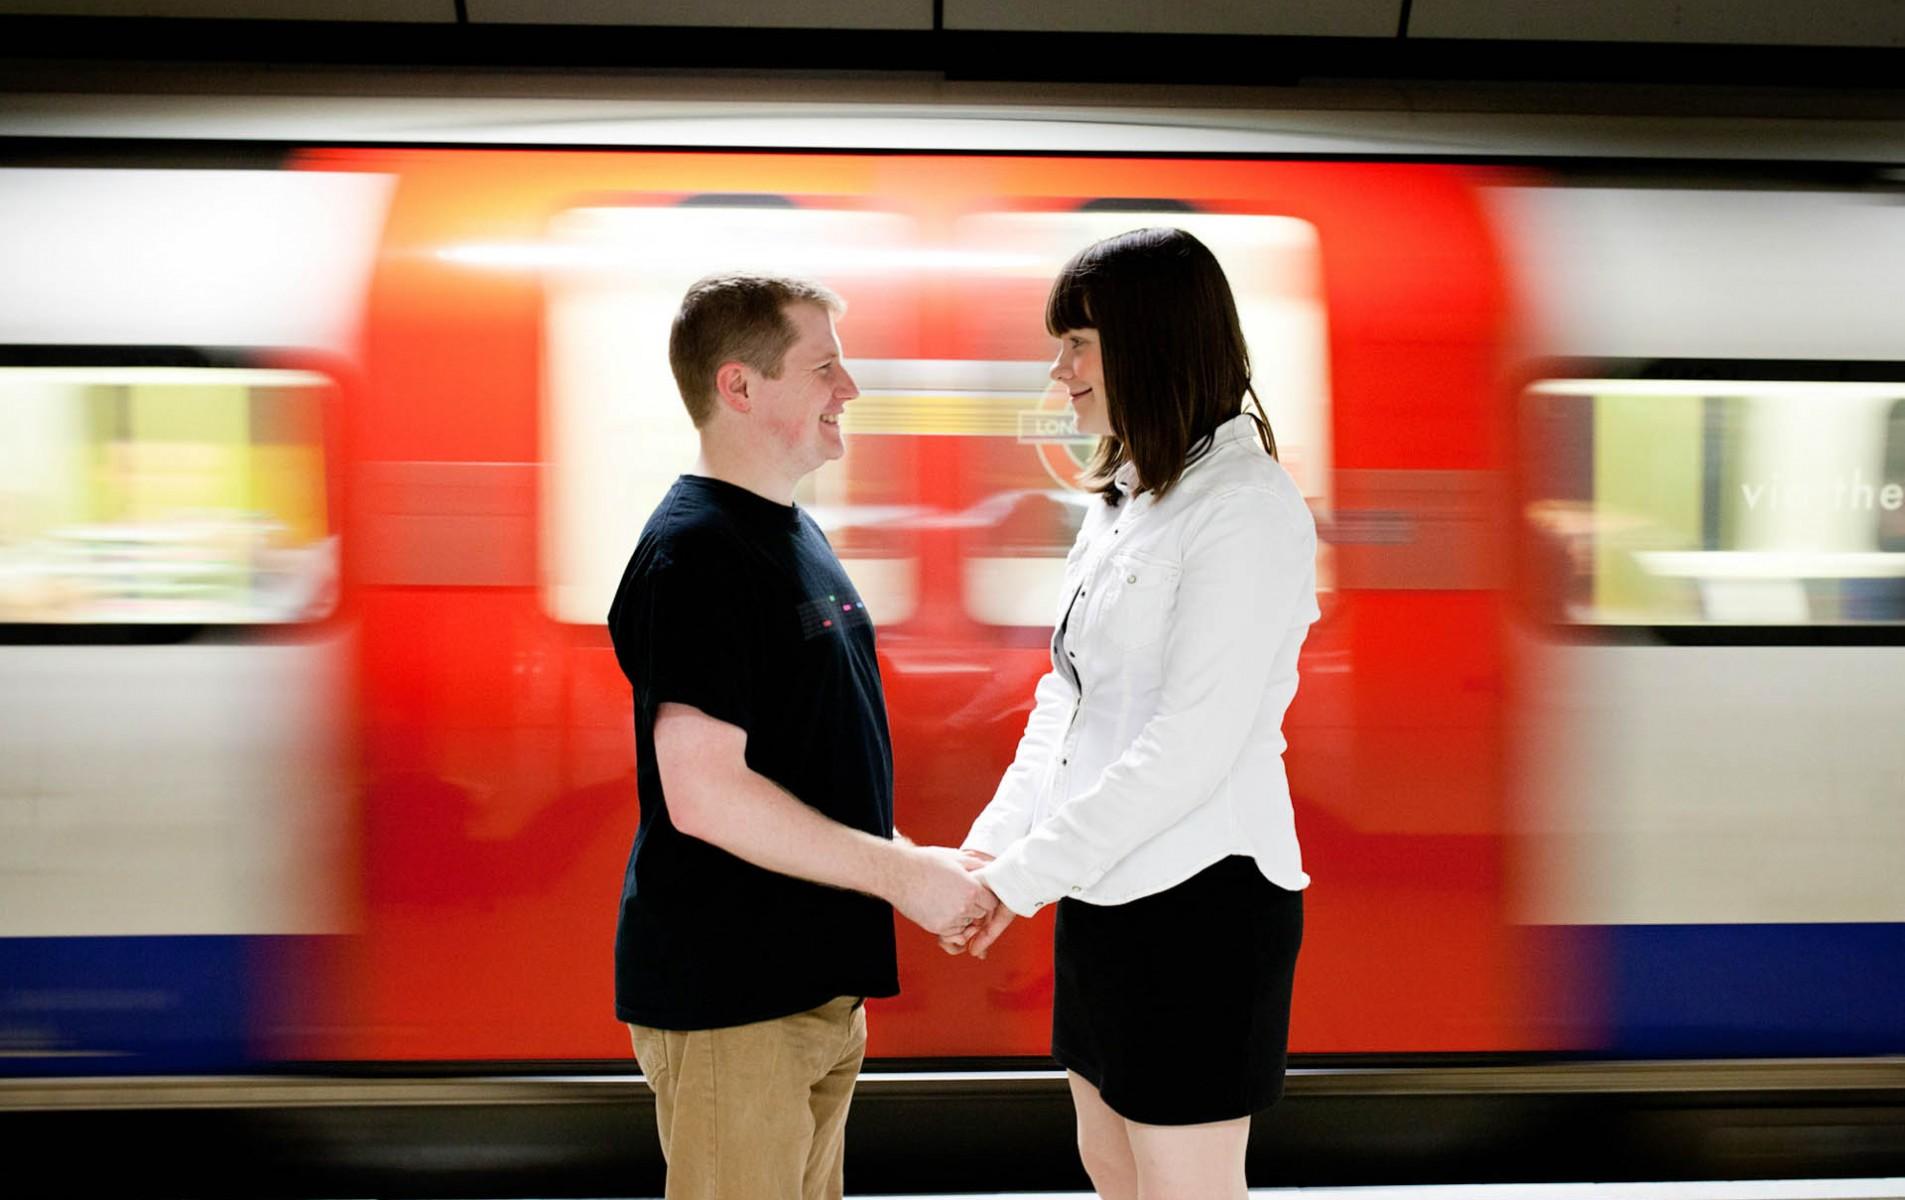 Surrey wedding photographer - Sarah and Richard's Engagement Shoot